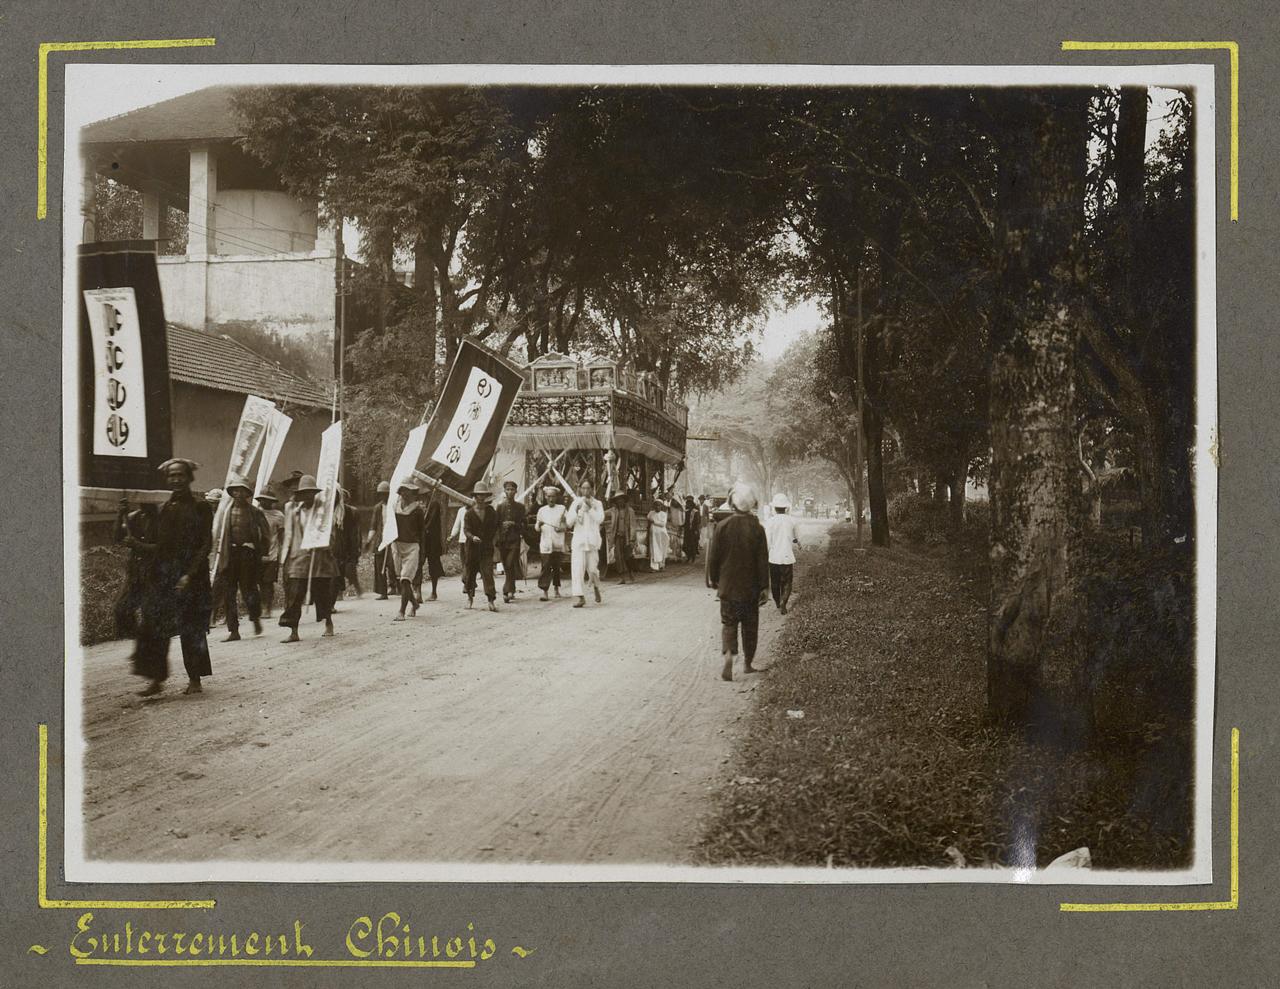 Lễ tang của người Hoa trên đường ở Châu Đốc xưa